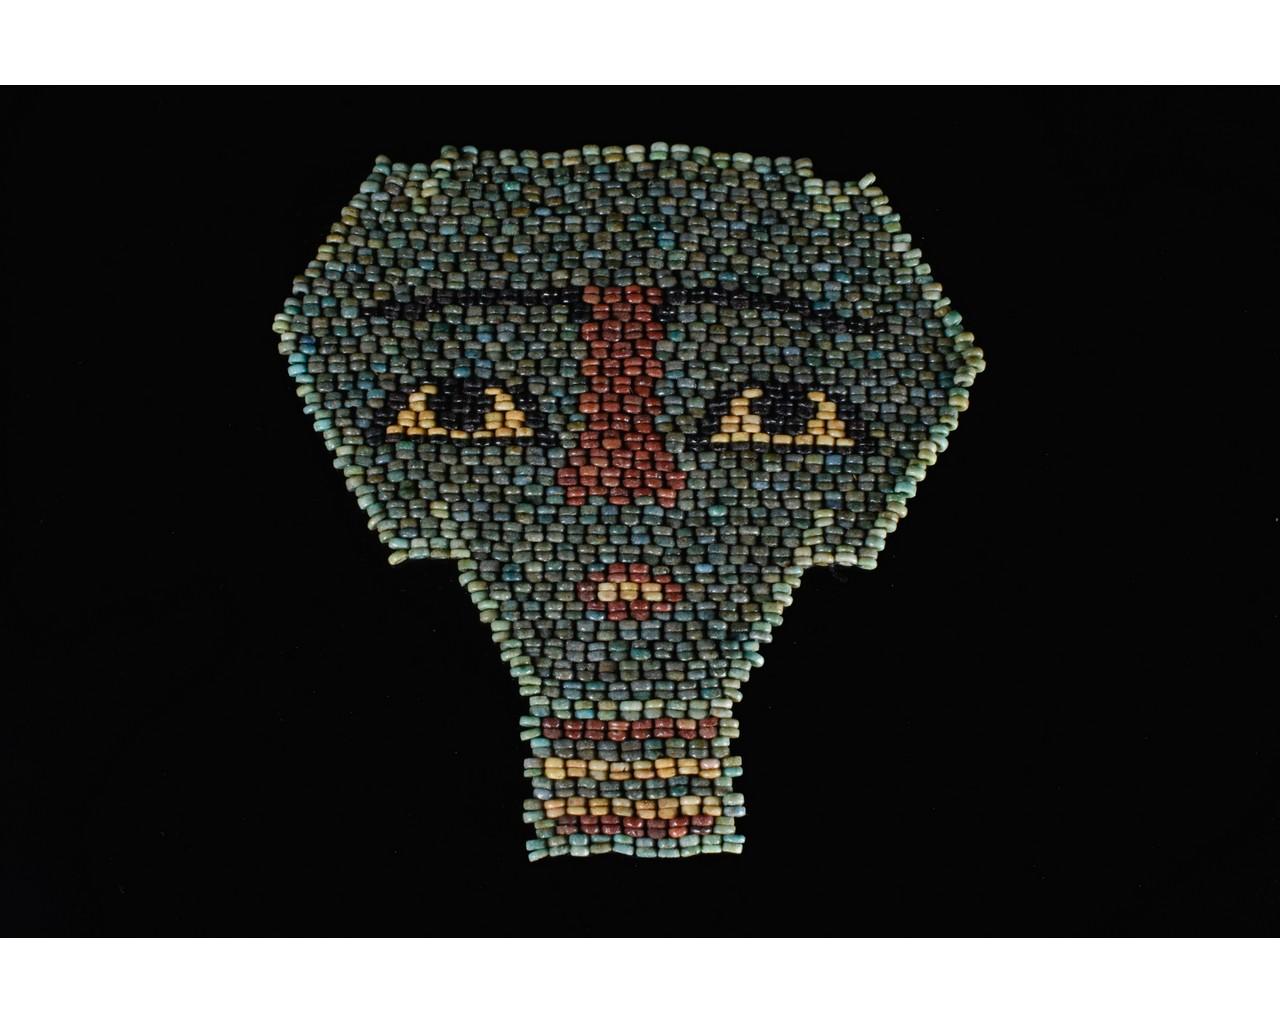 EGYPTIAN BLUE BEADED MUMMY MASK - Image 2 of 7